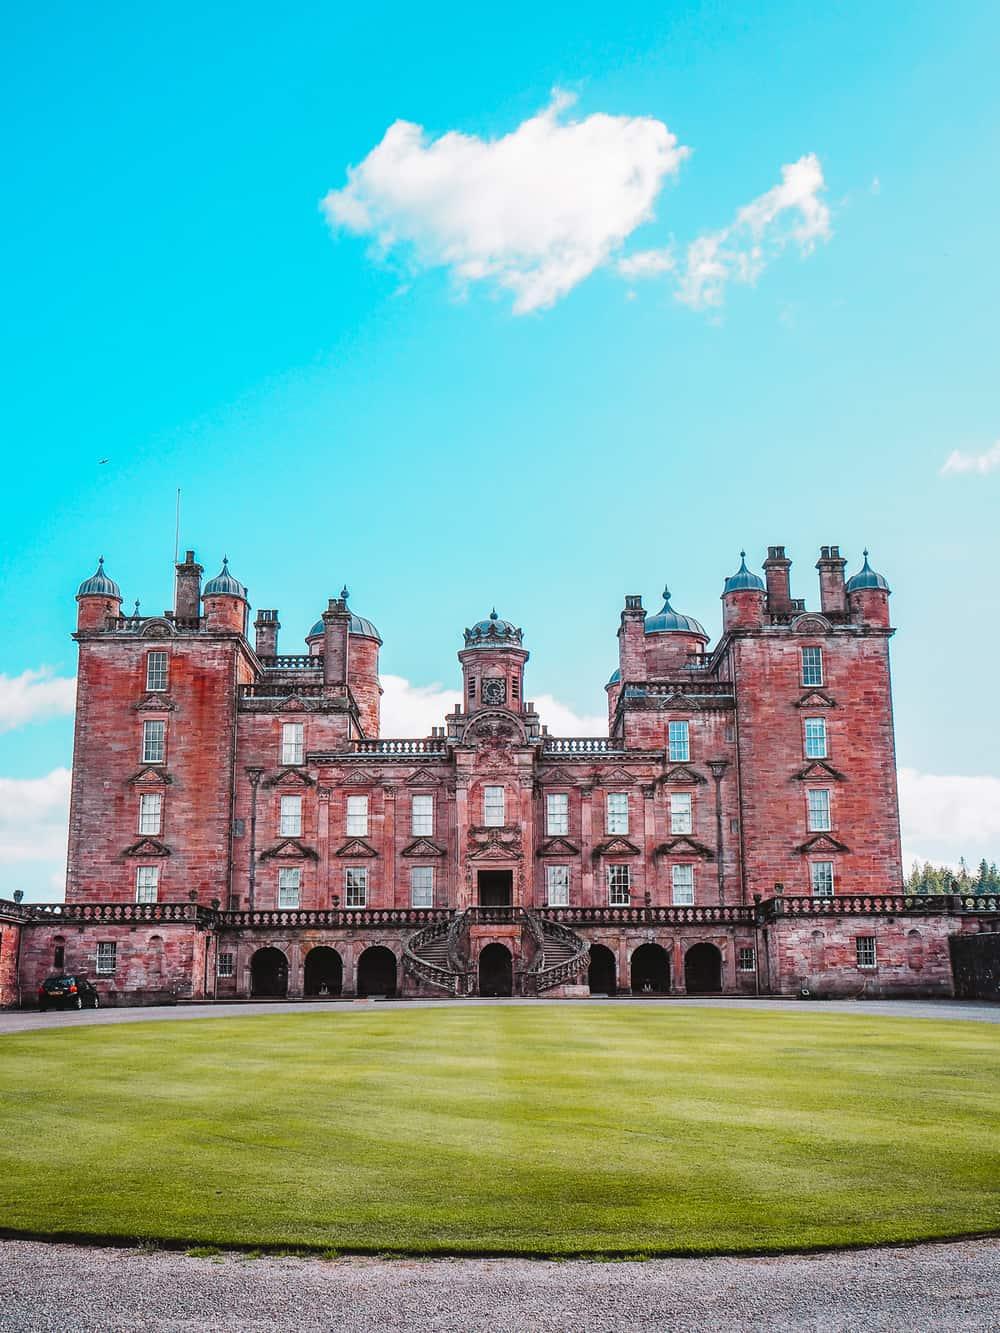 Drumlanrig Castle Outlander location